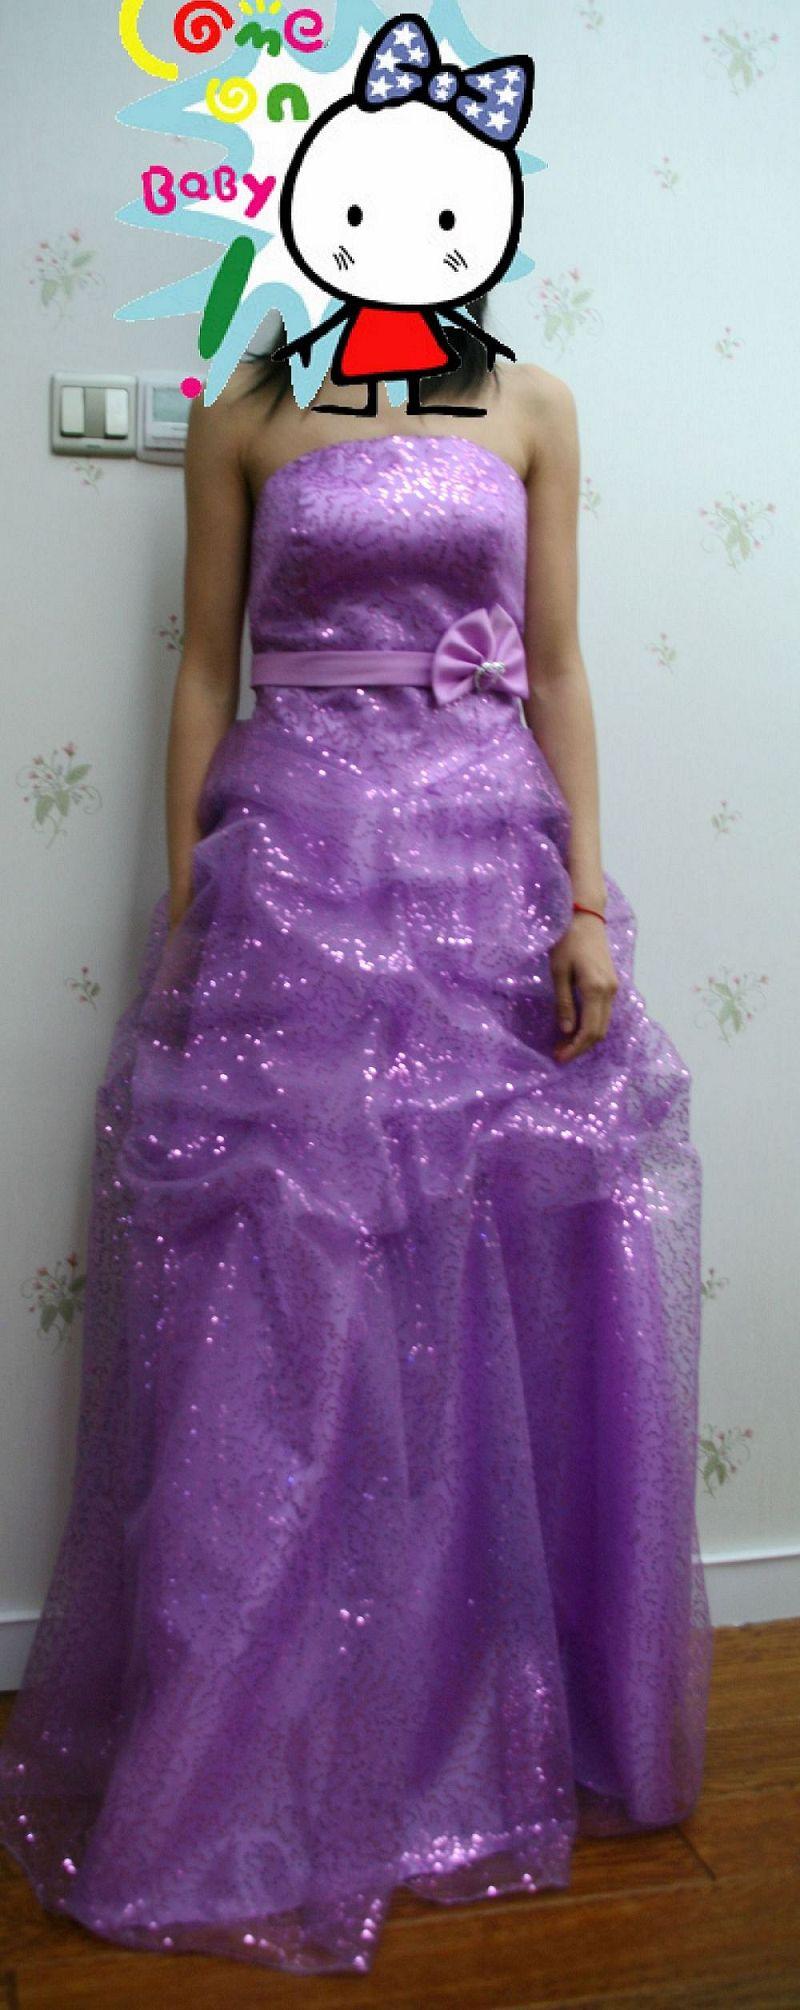 全新-----结婚礼服------超闪淡紫色亮片礼服~